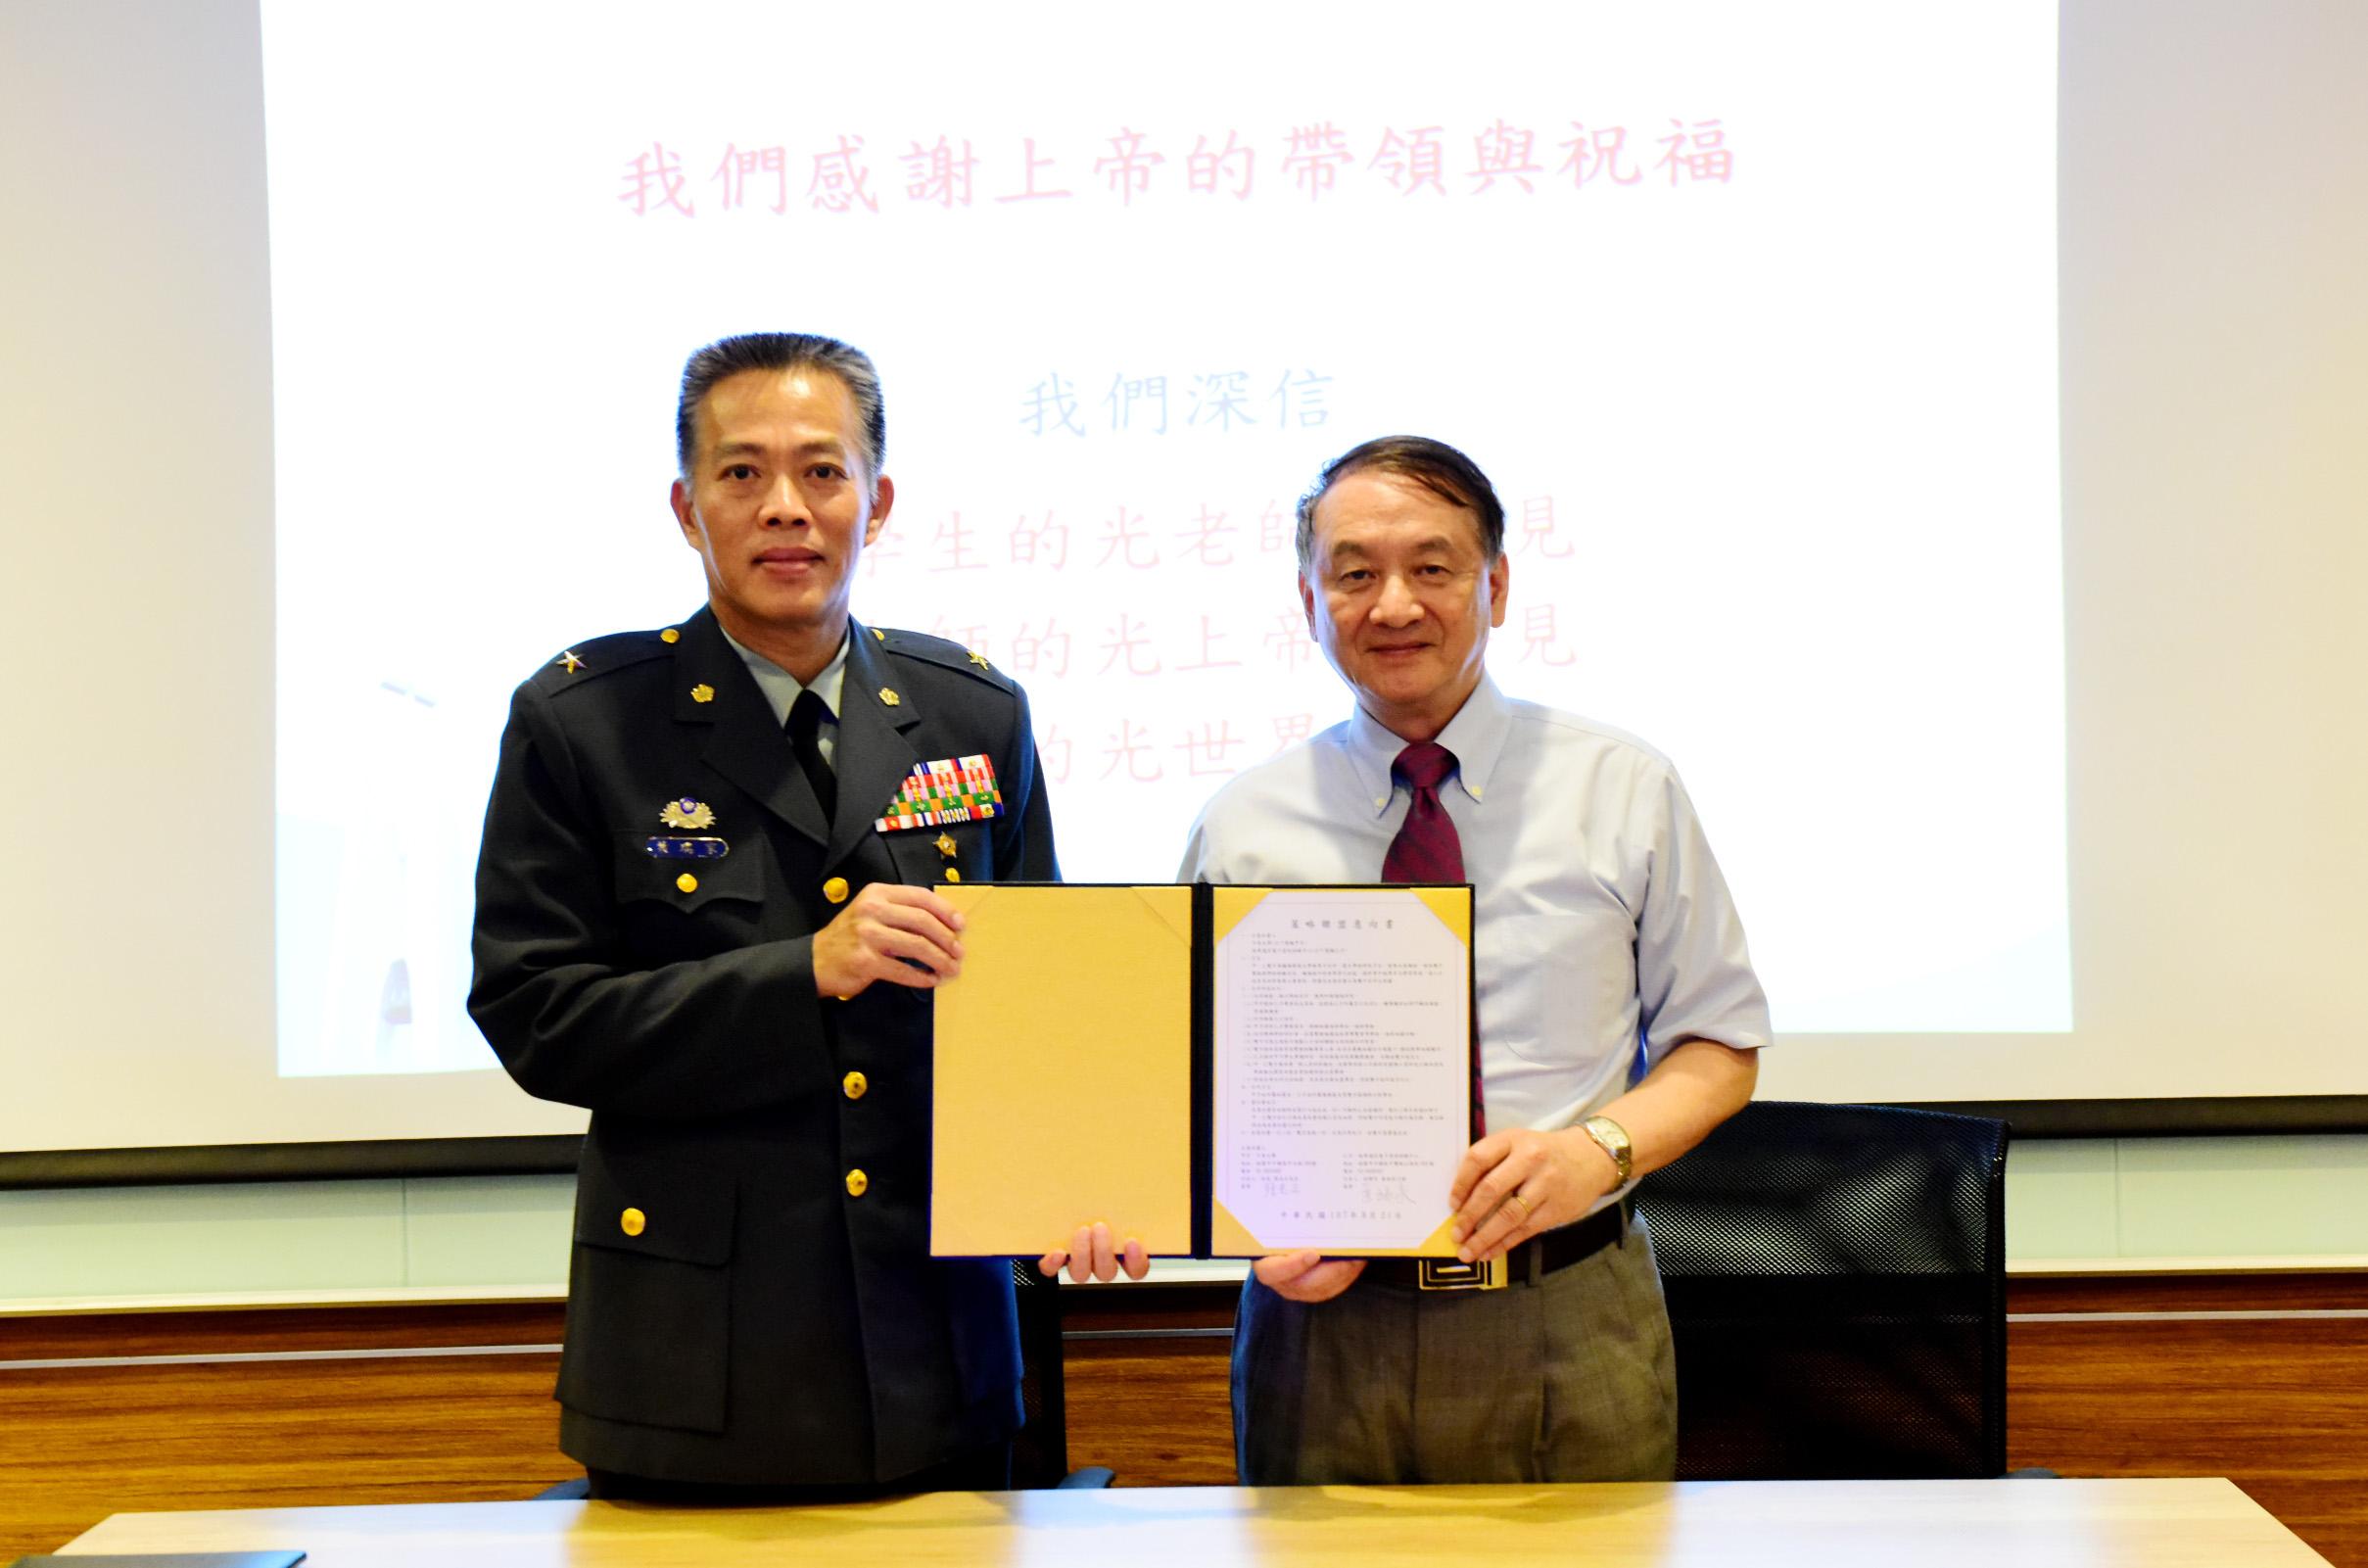 提供國軍多元進修管道 中原大學與陸軍通訓中心策略聯盟